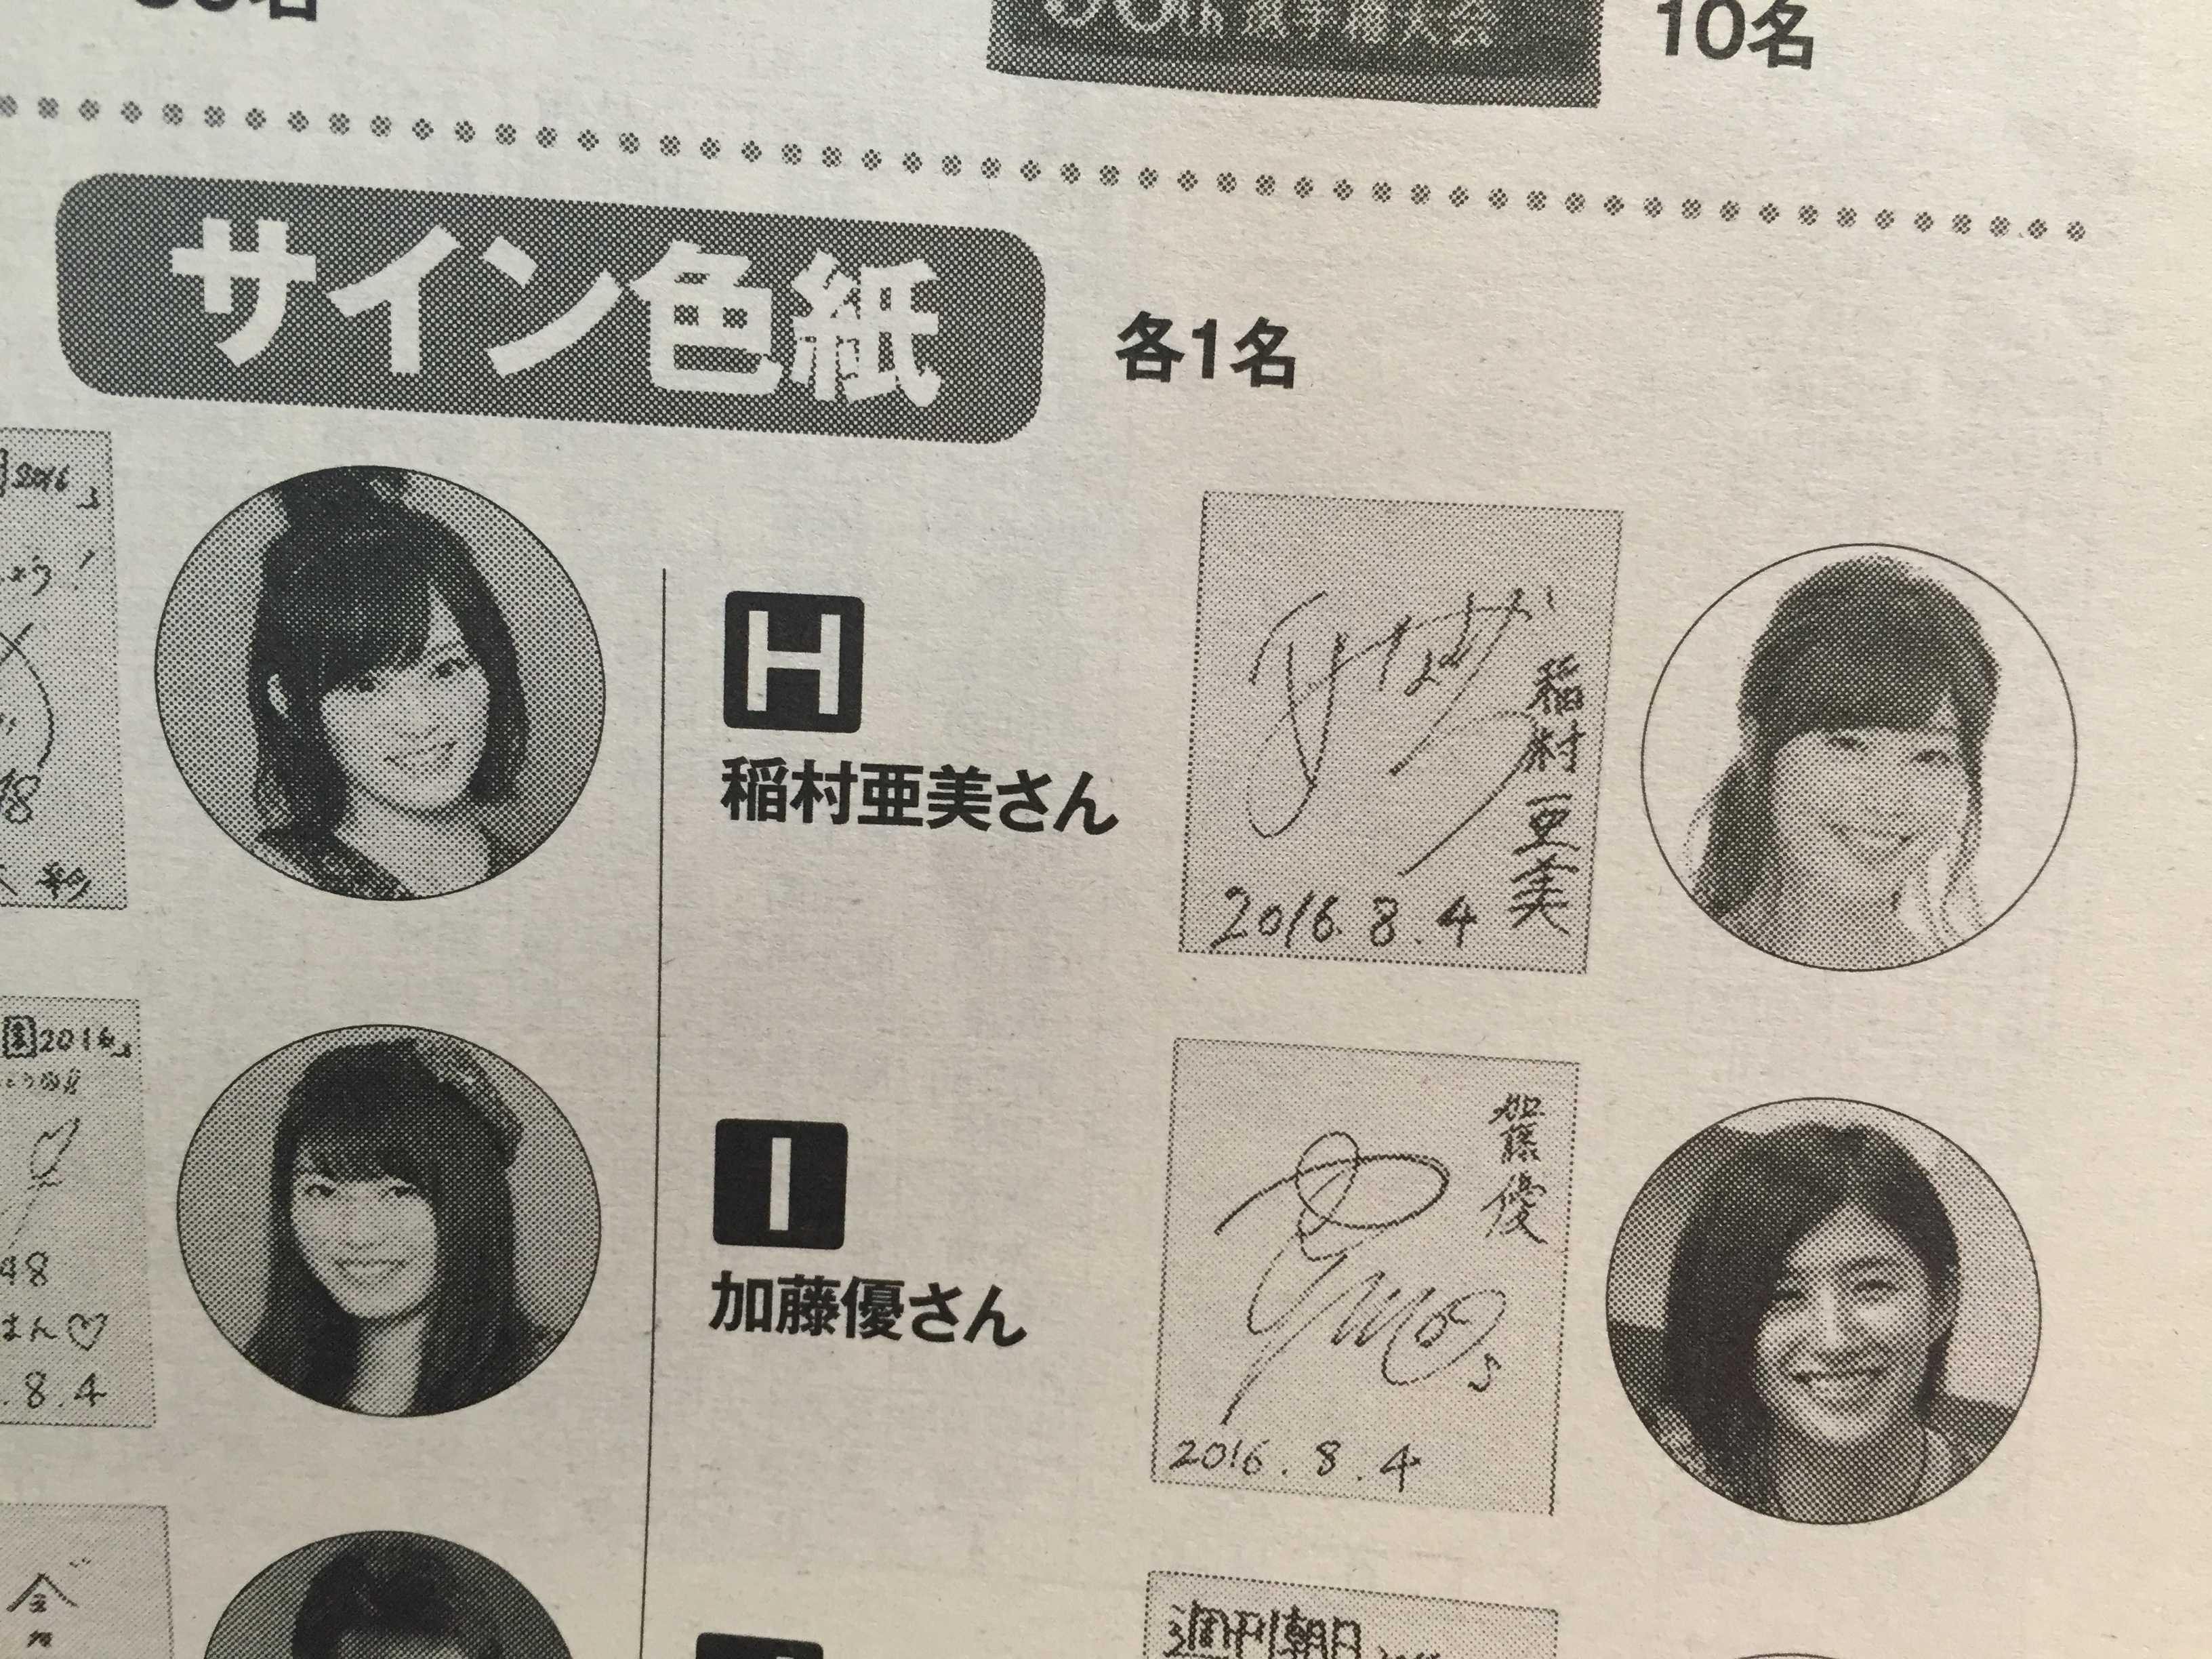 週刊朝日「甲子園2016」の稲村亜美サイン色紙プレゼント